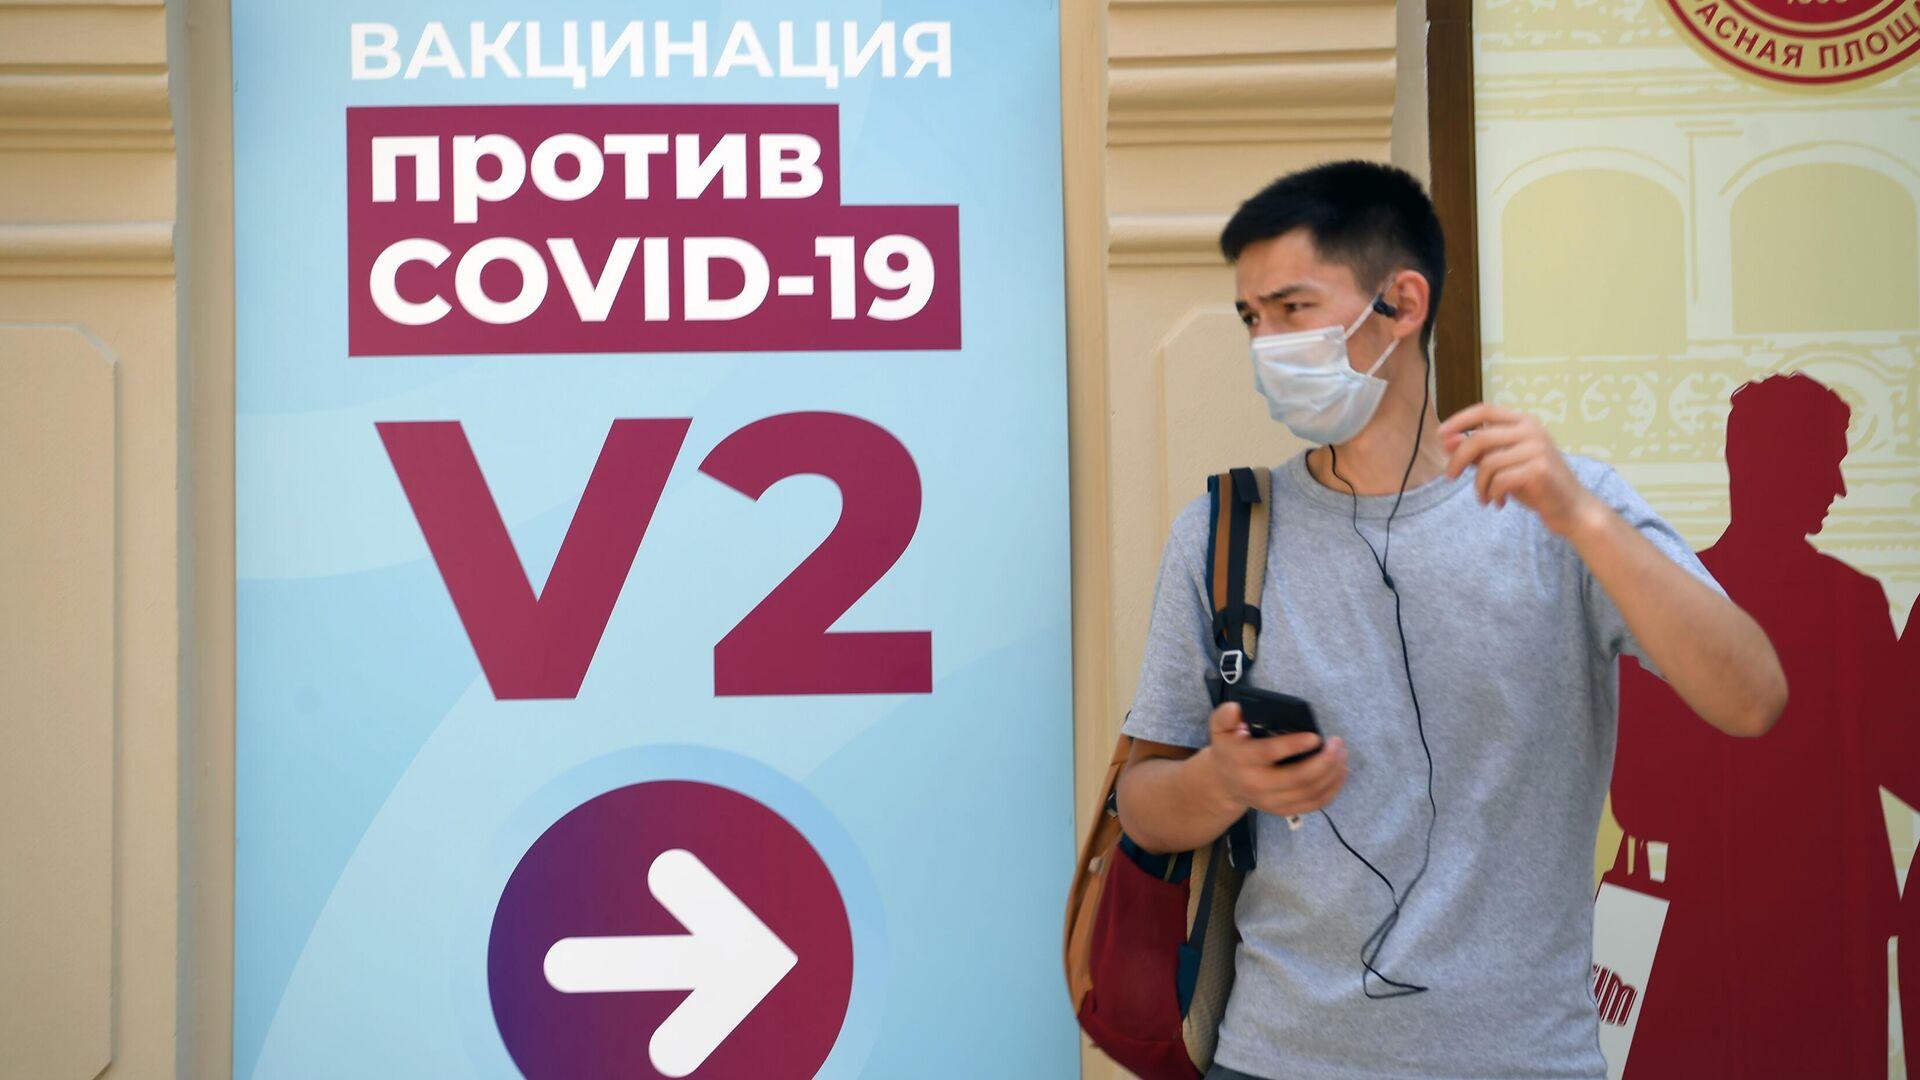 Вакцинация от COVID-19 в Москве - Sputnik Таджикистан, 1920, 28.06.2021